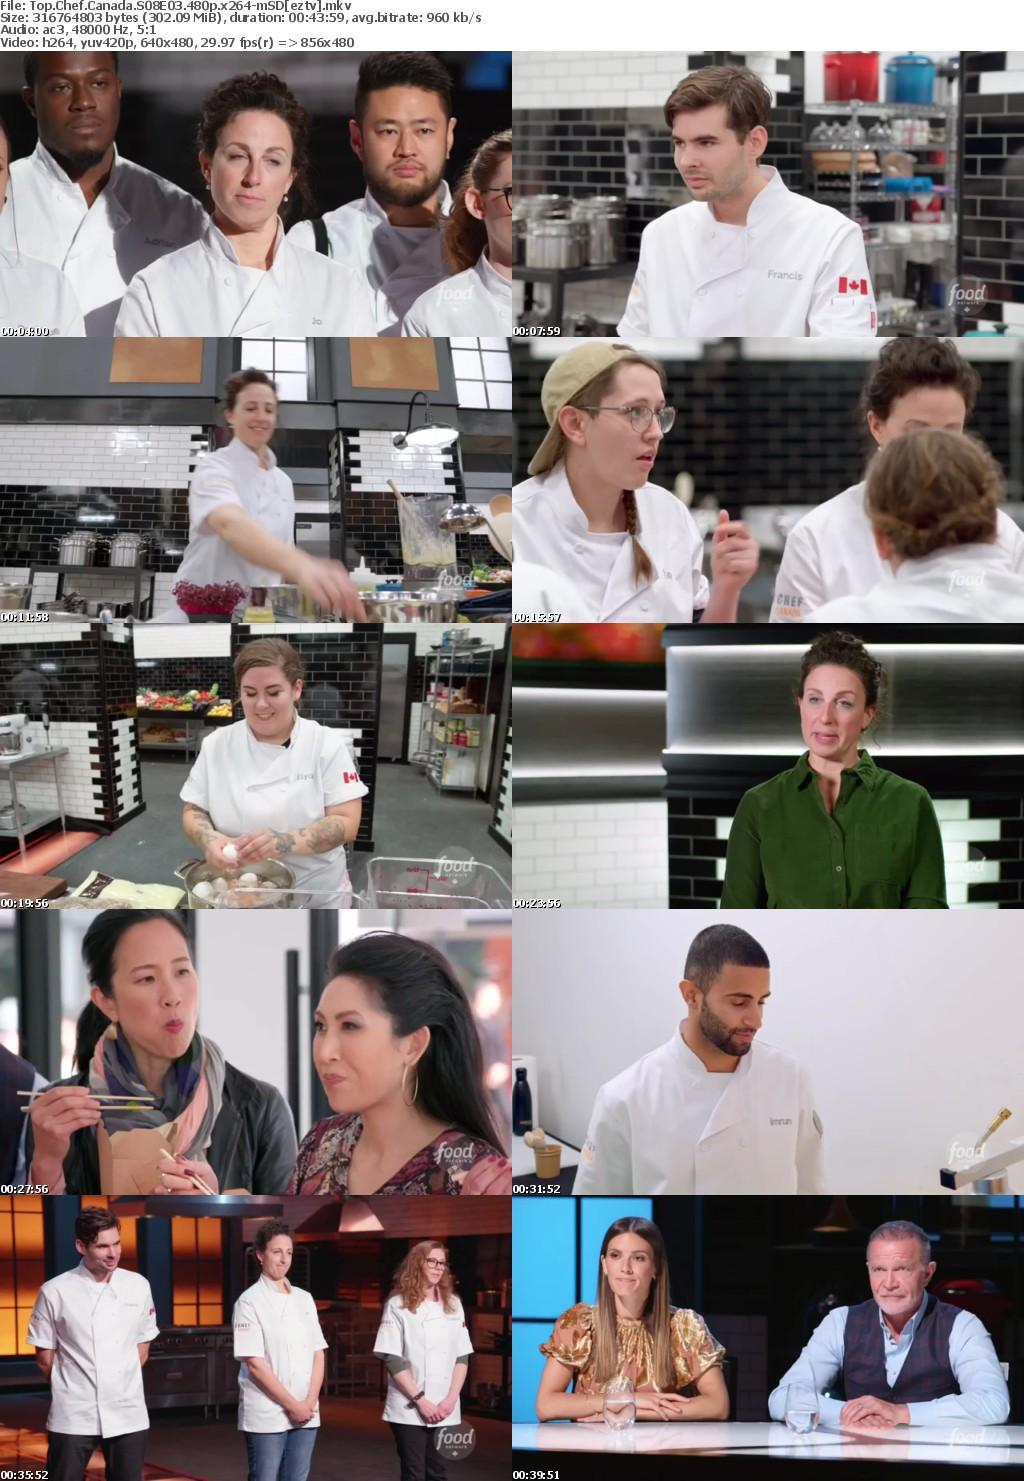 Top Chef Canada S08E03 480p x264-mSD